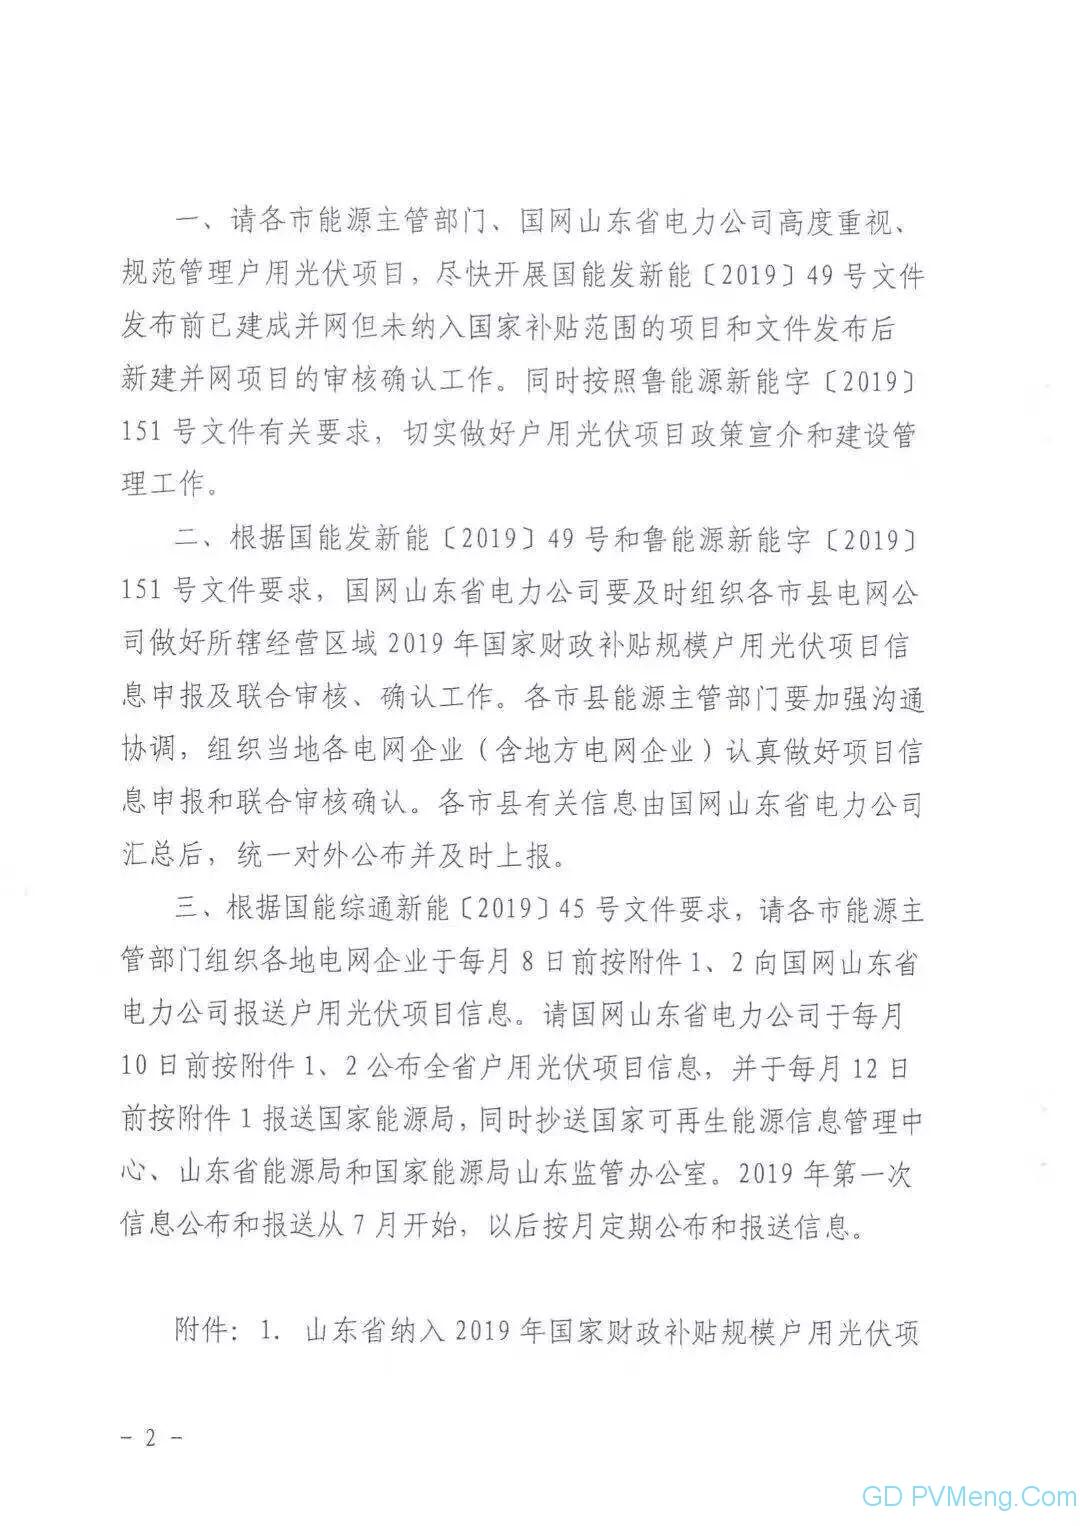 山东省能源局关于做好2019年户用光伏项目信息公布和报送有关事项的通知(鲁能源新能字〔2019〕160号)20190620